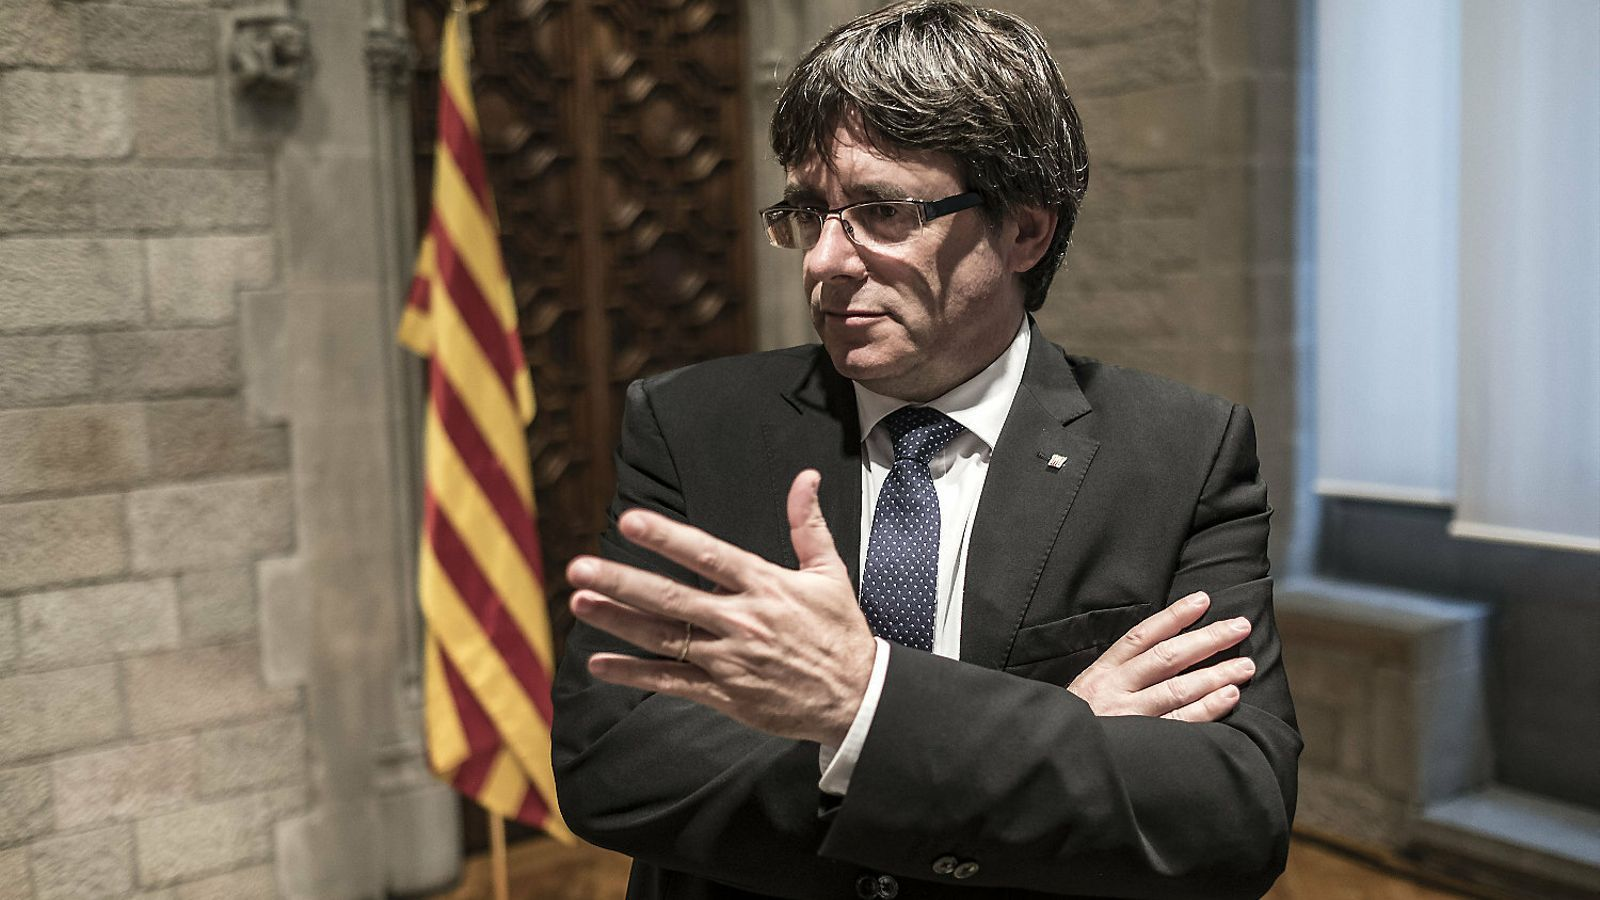 Els serveis jurídics del Parlament Europeu descarten la immunitat per a Puigdemont